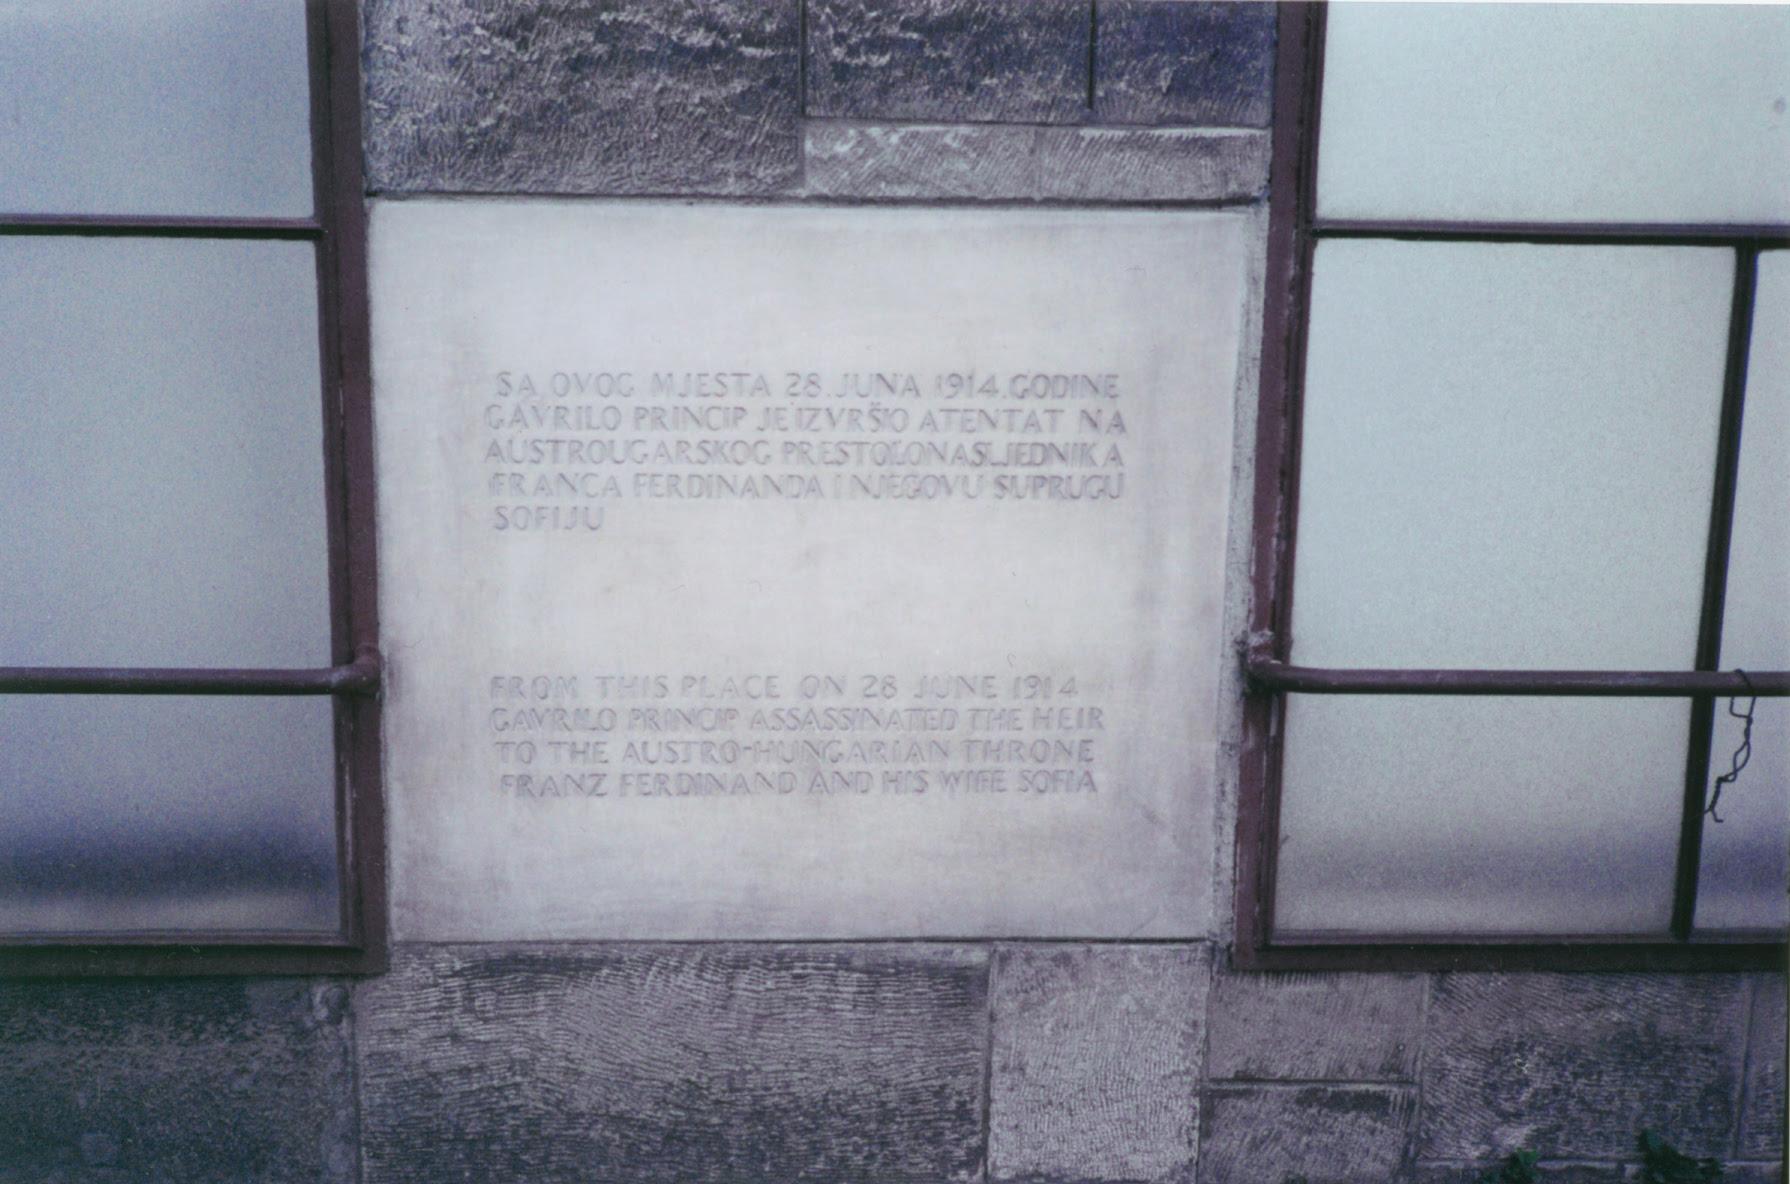 Assassination memorial plaque in Sarajevo